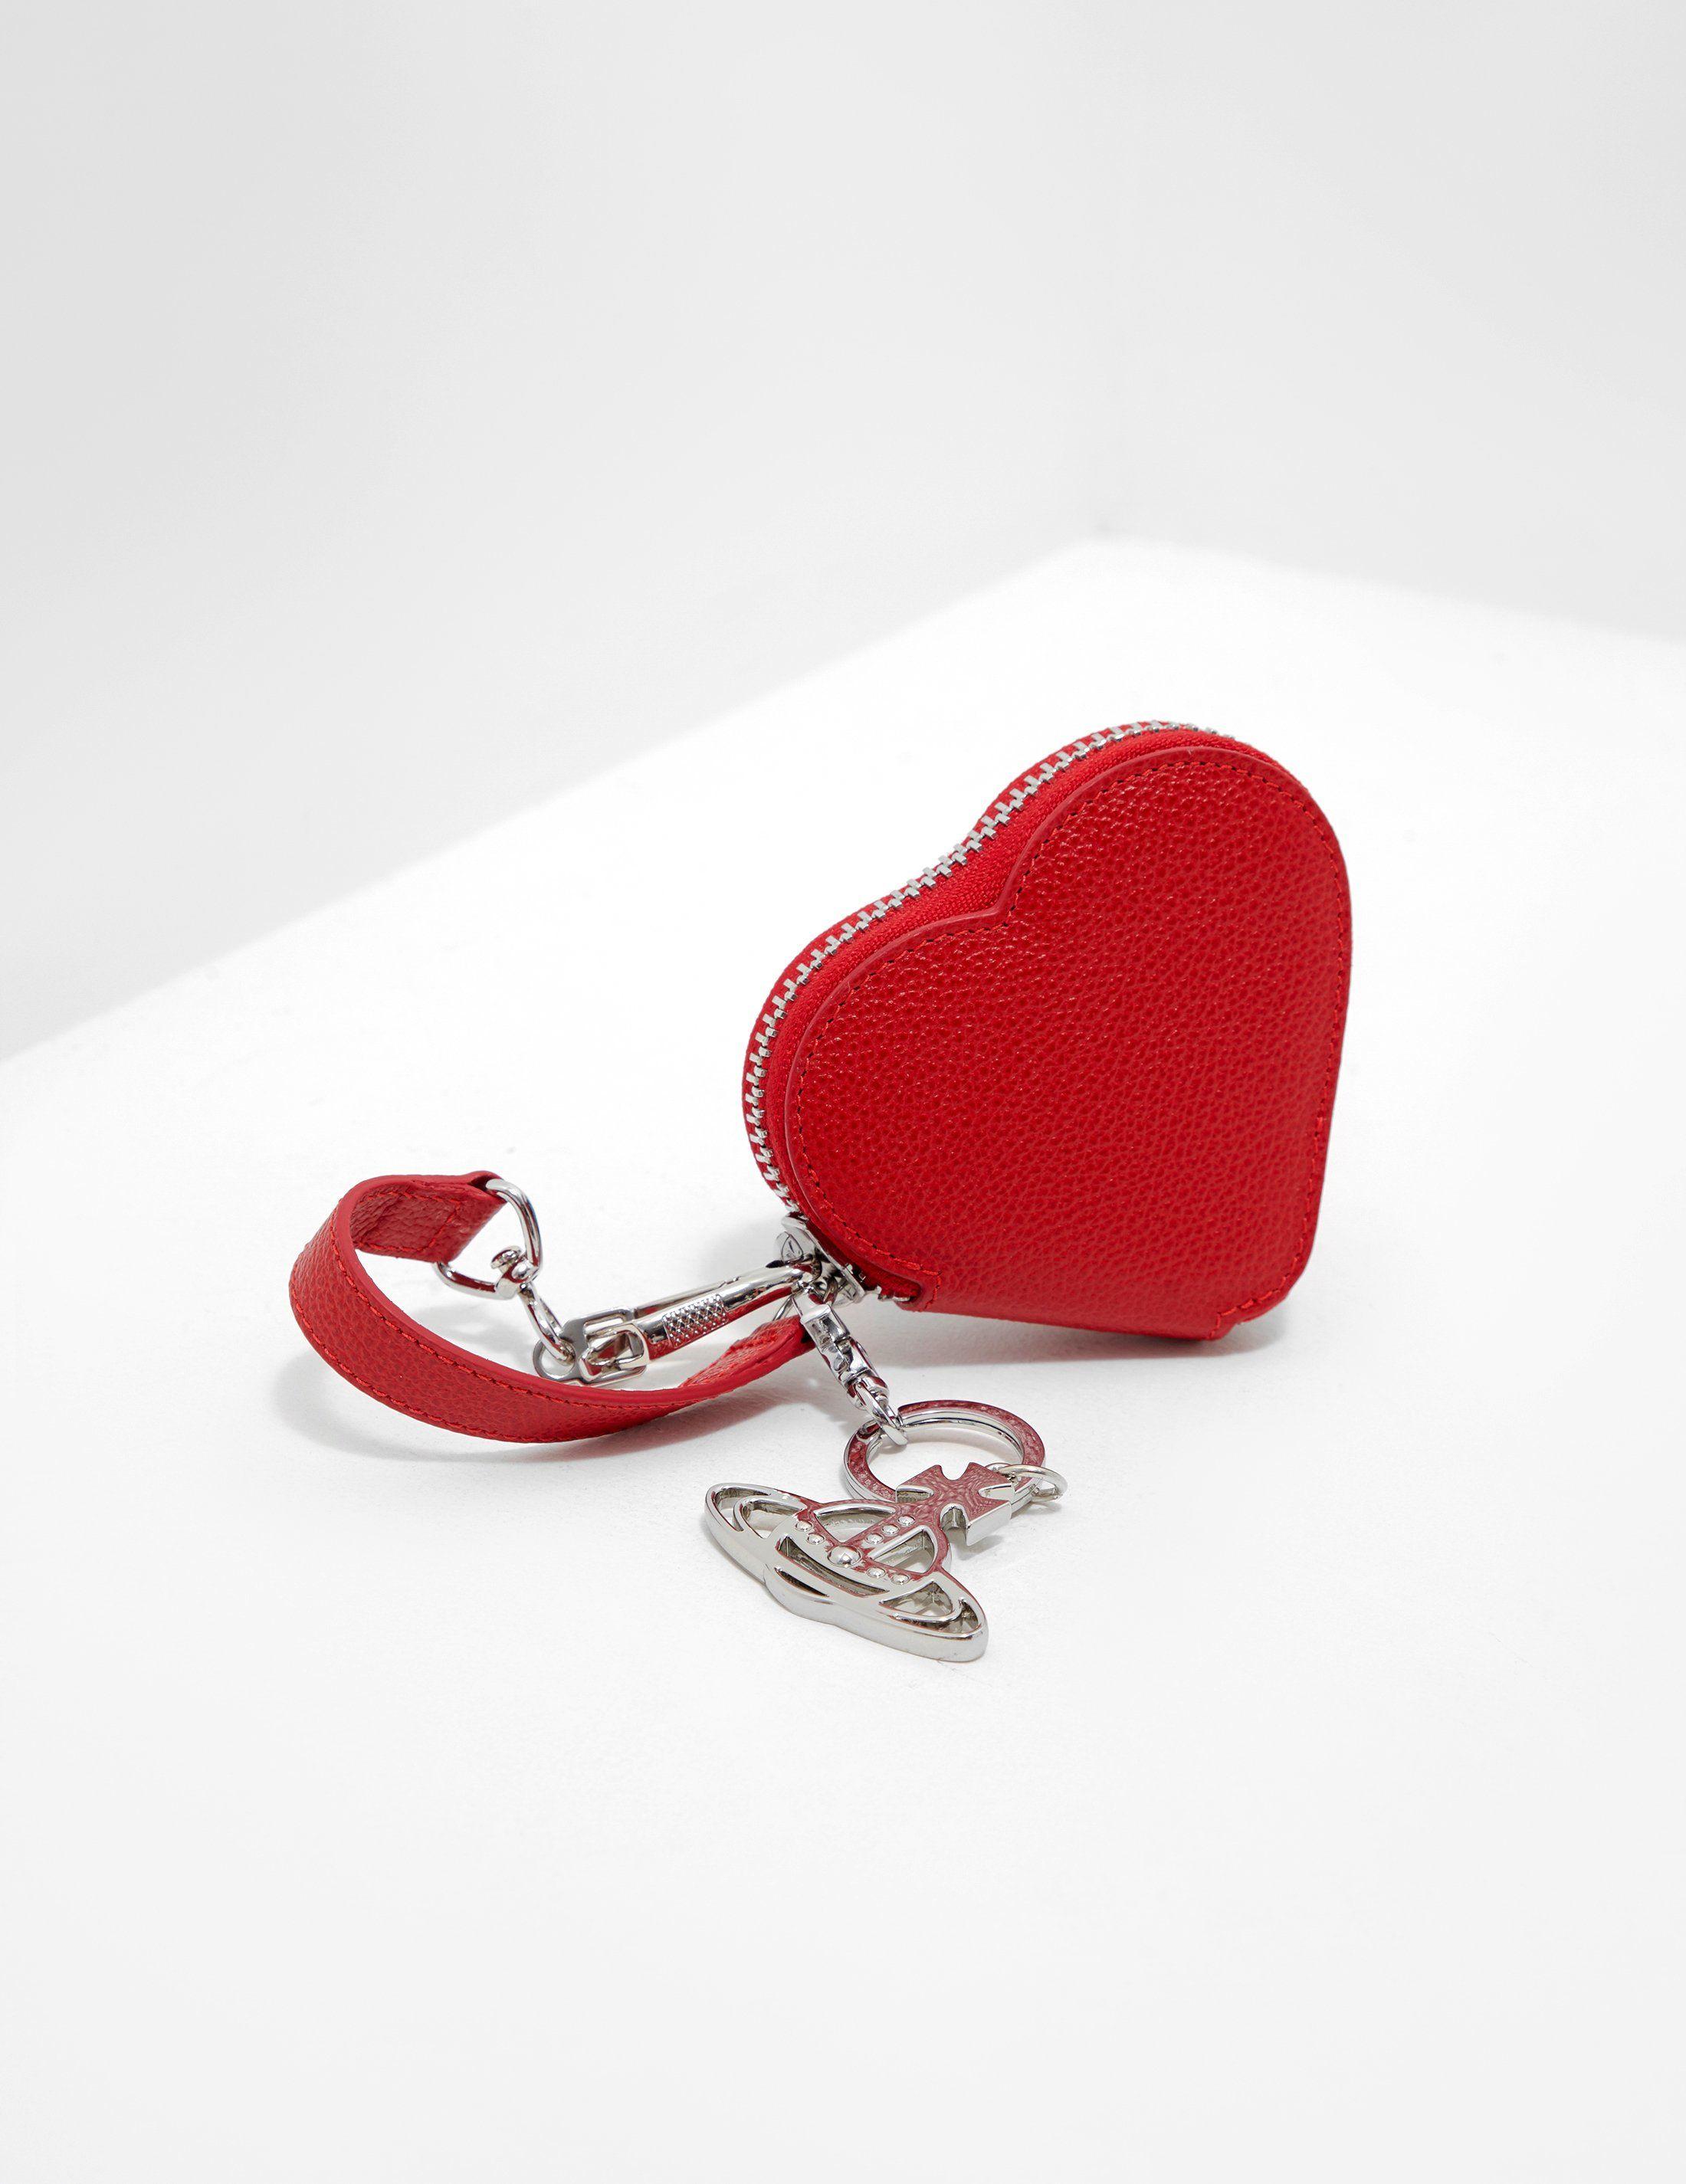 Vivienne Westwood Anglomania Johanna Heart Purse